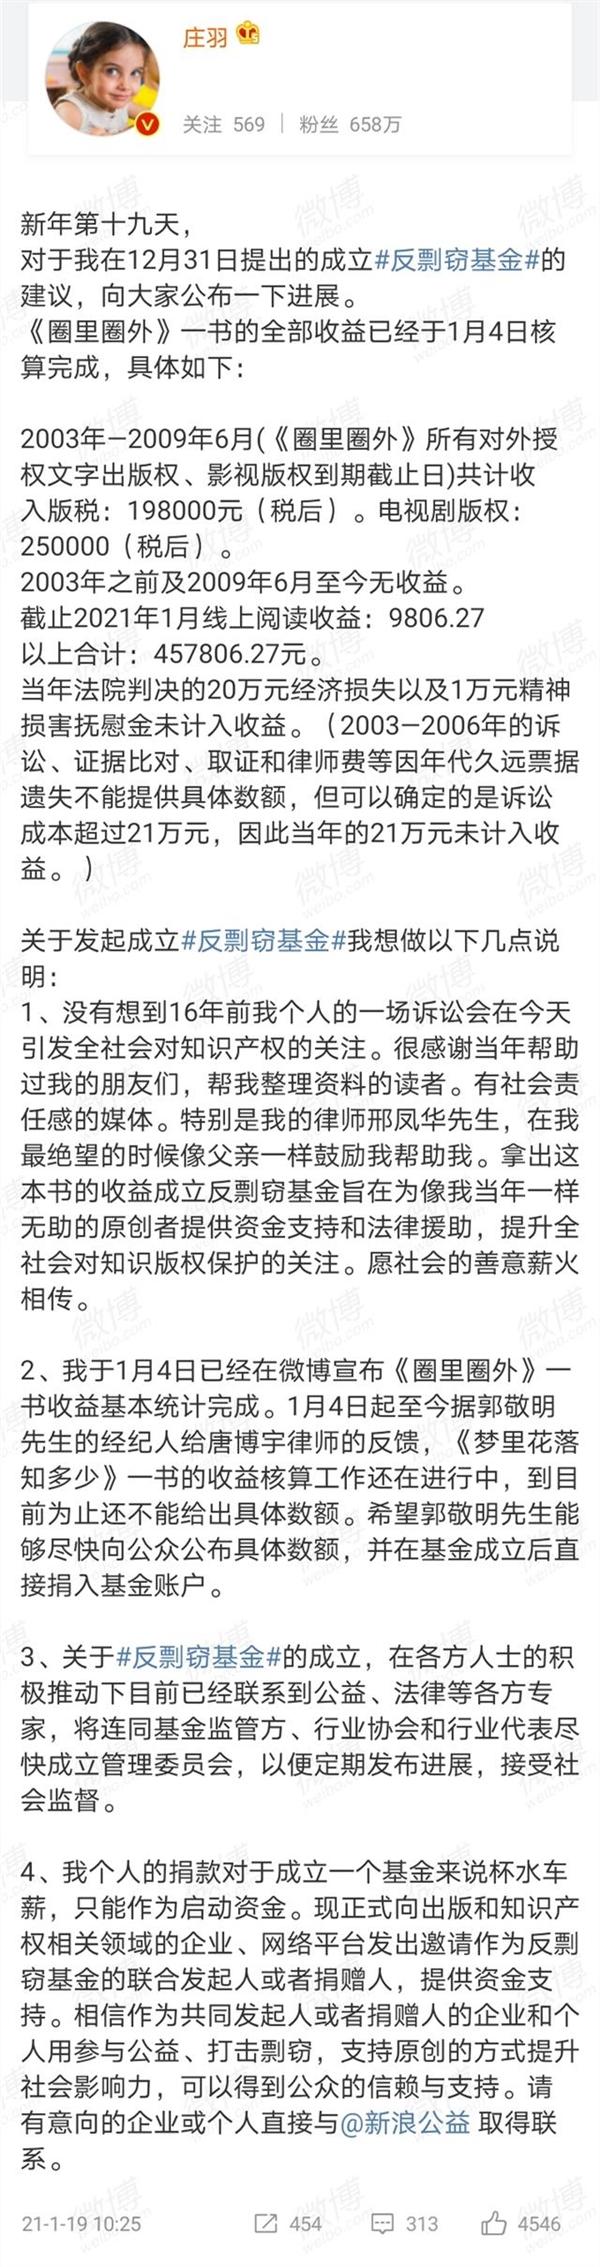 """""""庄羽催郭敬明尽快公开收益:抓紧成立剽窃基金 并捐入账户"""